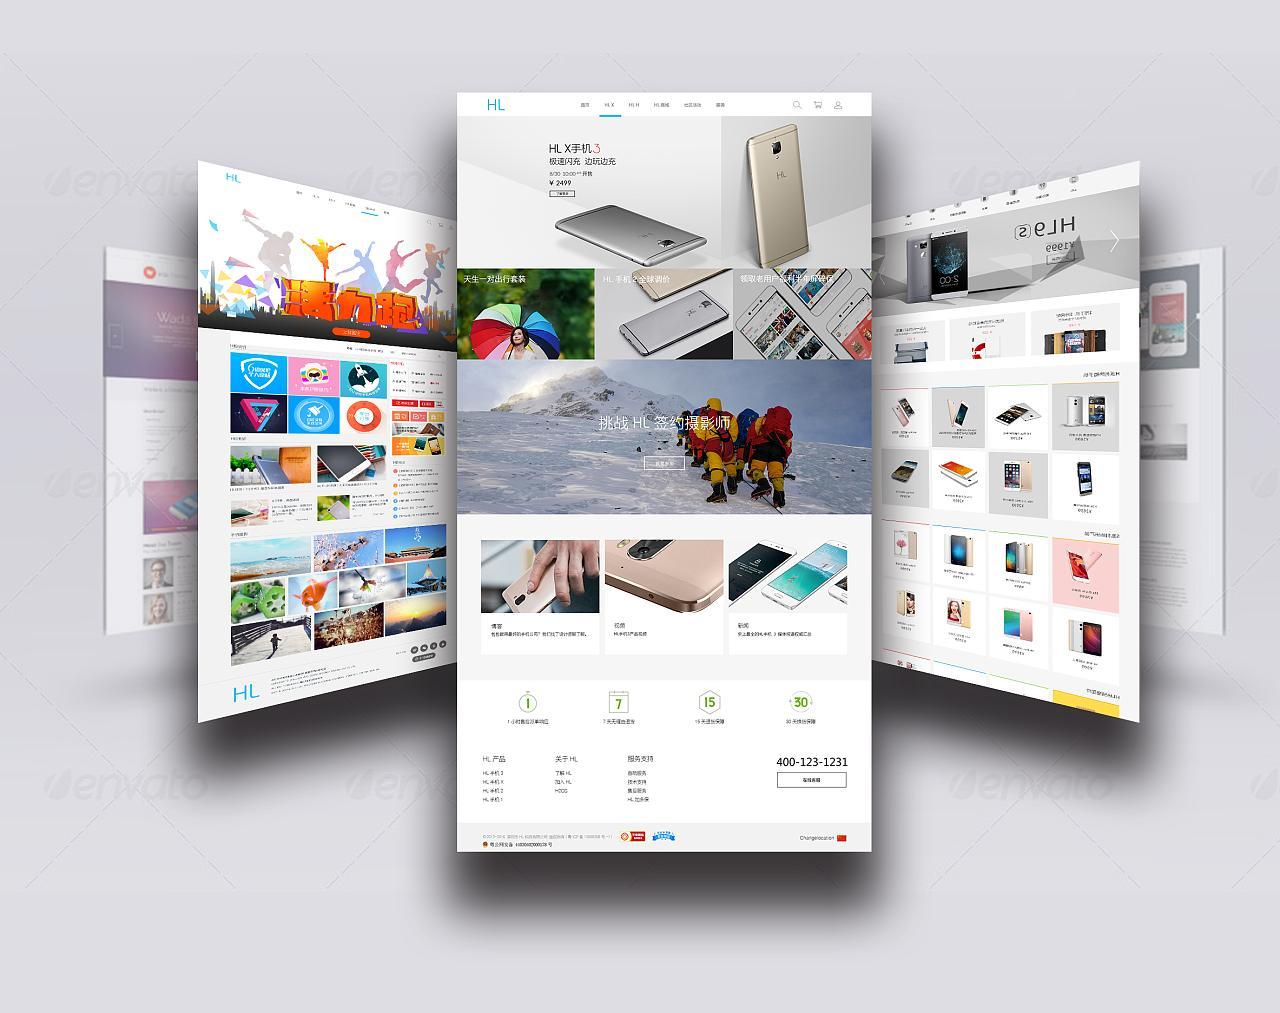 企业网站建设情感化设计的要点有什么呢?